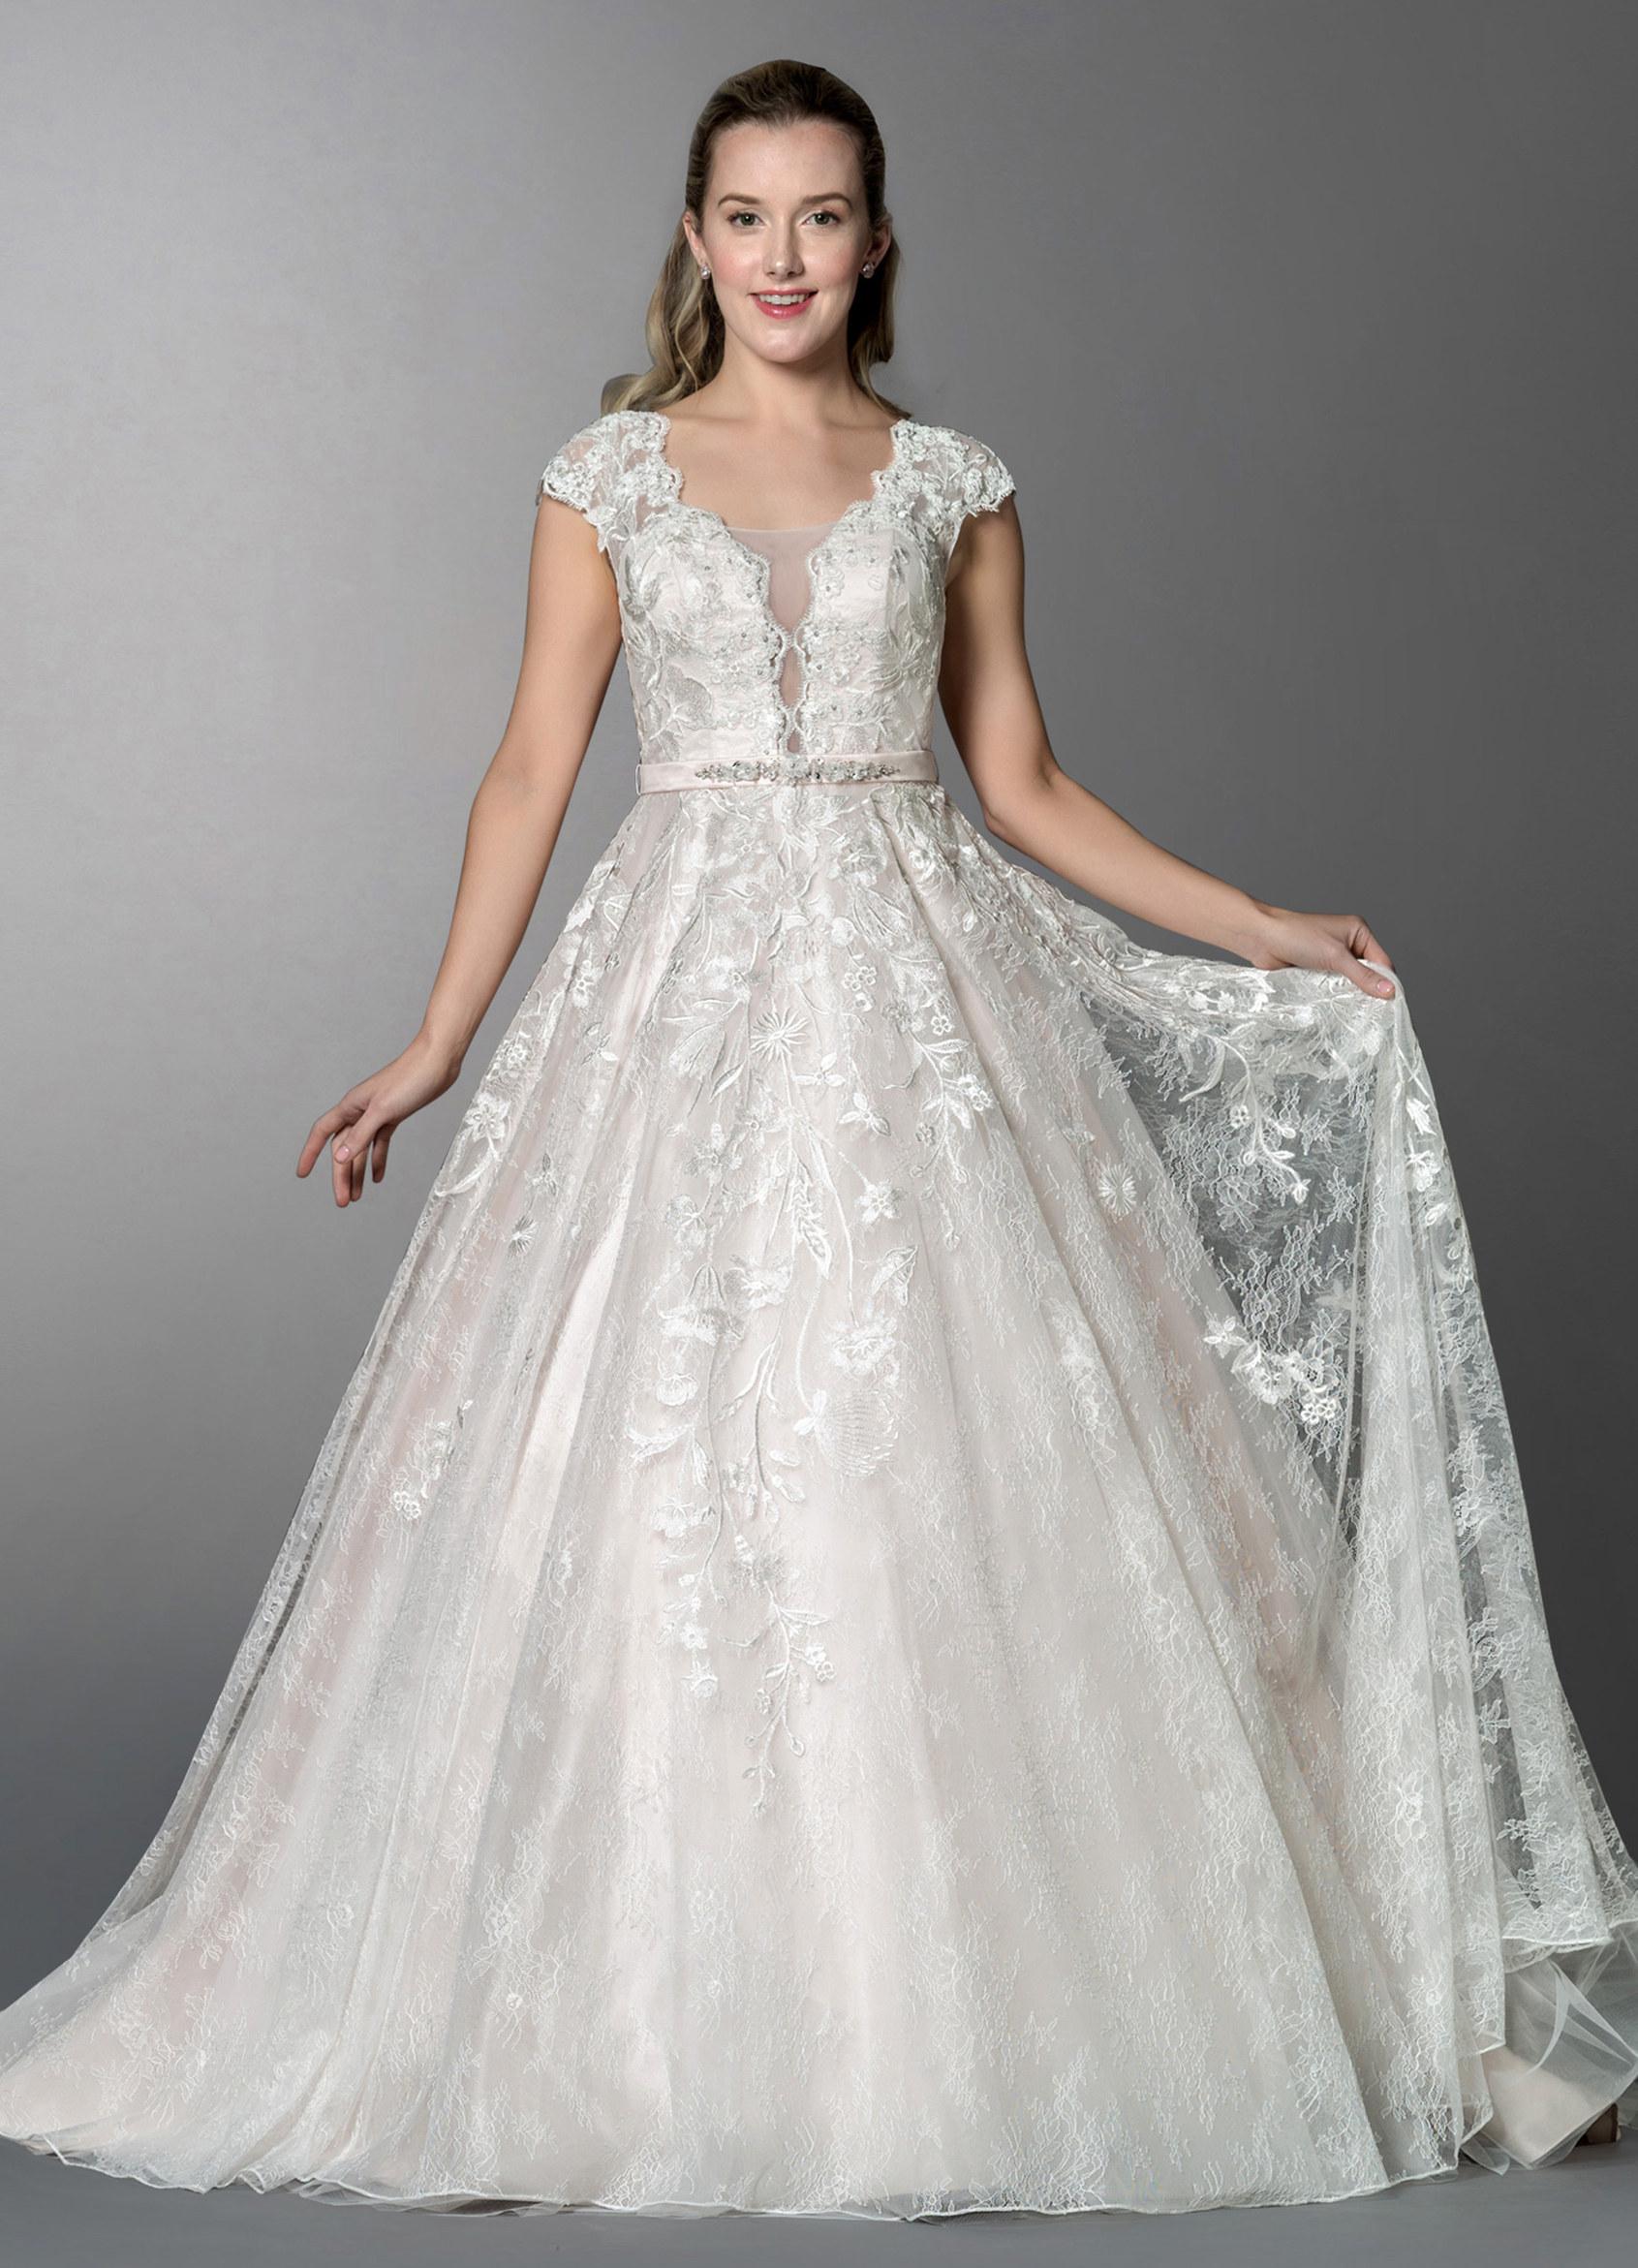 Augusta Bg Sample Dress